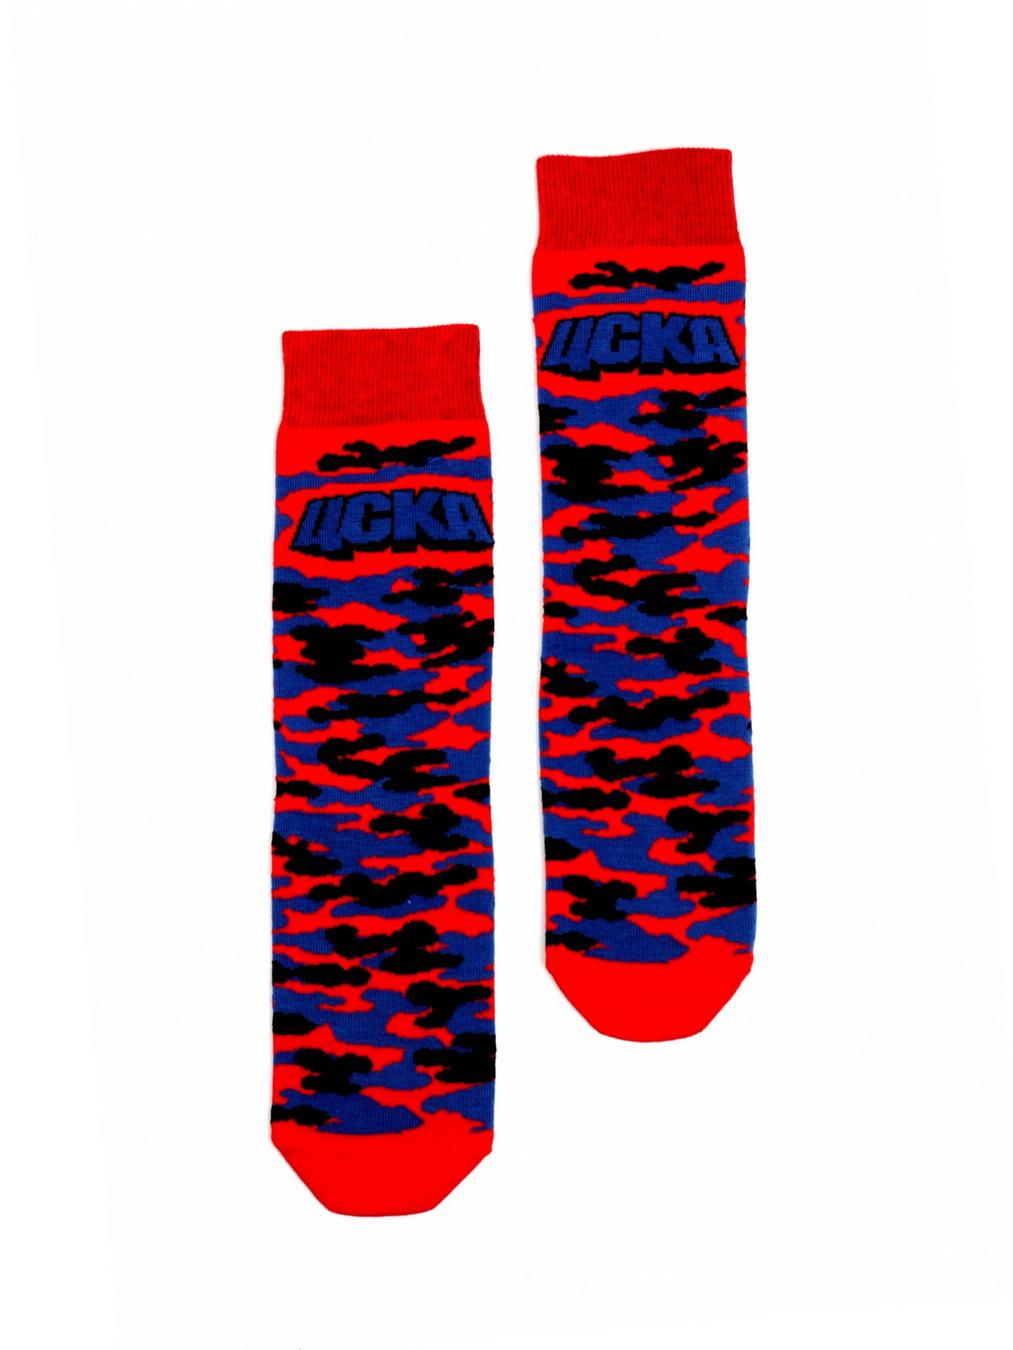 Купить Носки детские Милитари,цвет красно-синий (35-36) по Нижнему Новгороду